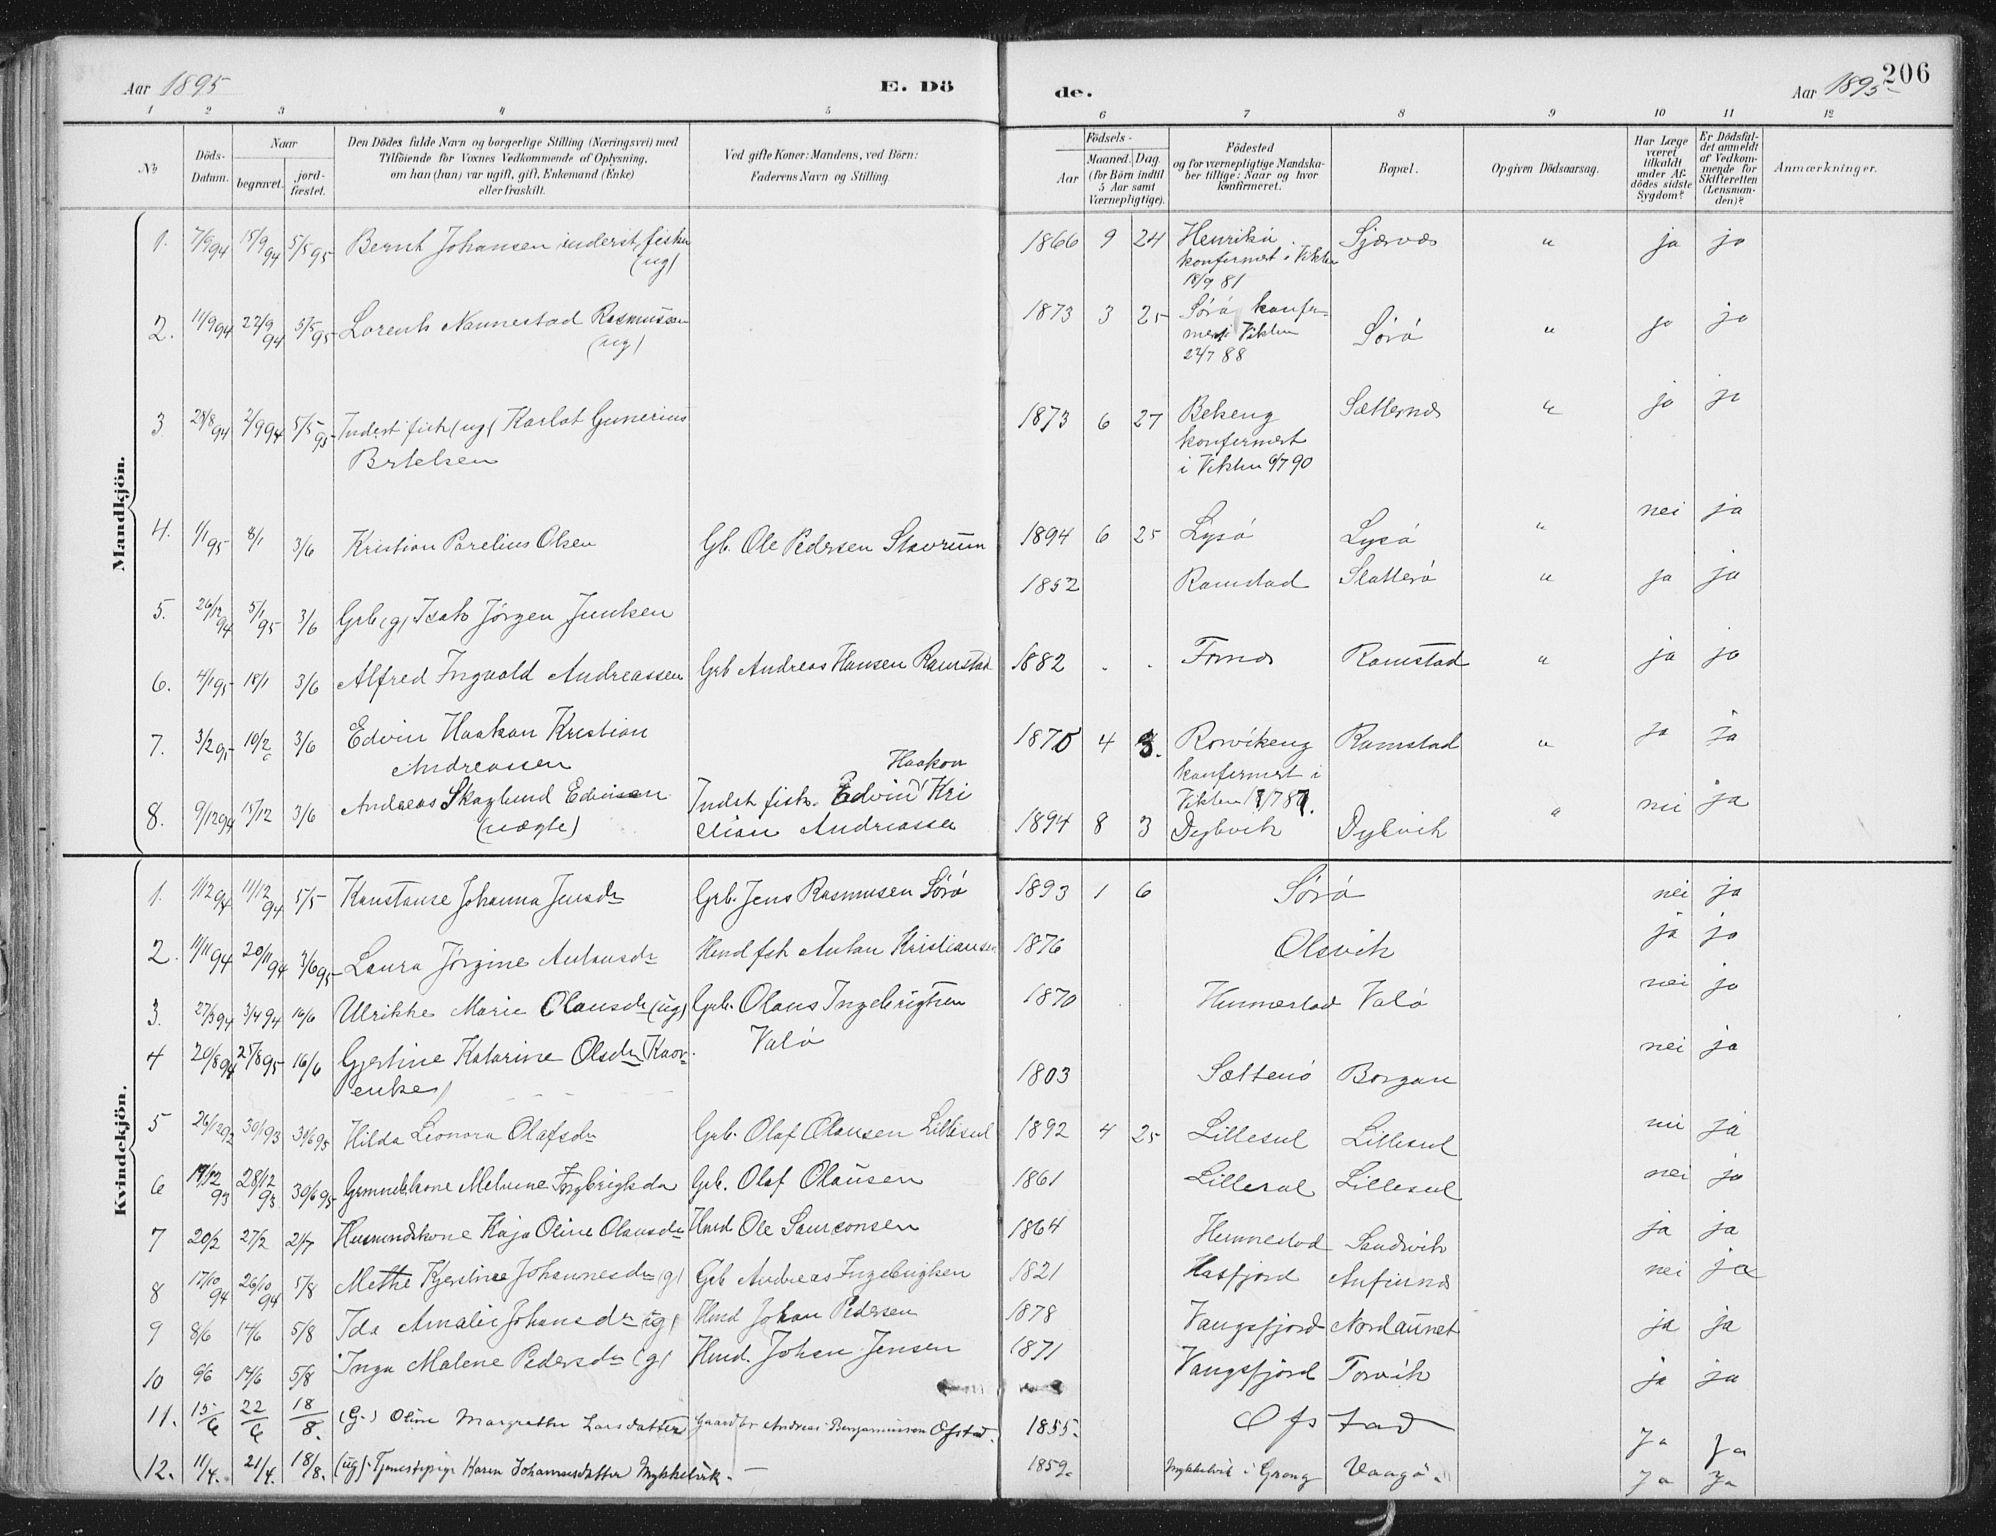 SAT, Ministerialprotokoller, klokkerbøker og fødselsregistre - Nord-Trøndelag, 786/L0687: Ministerialbok nr. 786A03, 1888-1898, s. 206